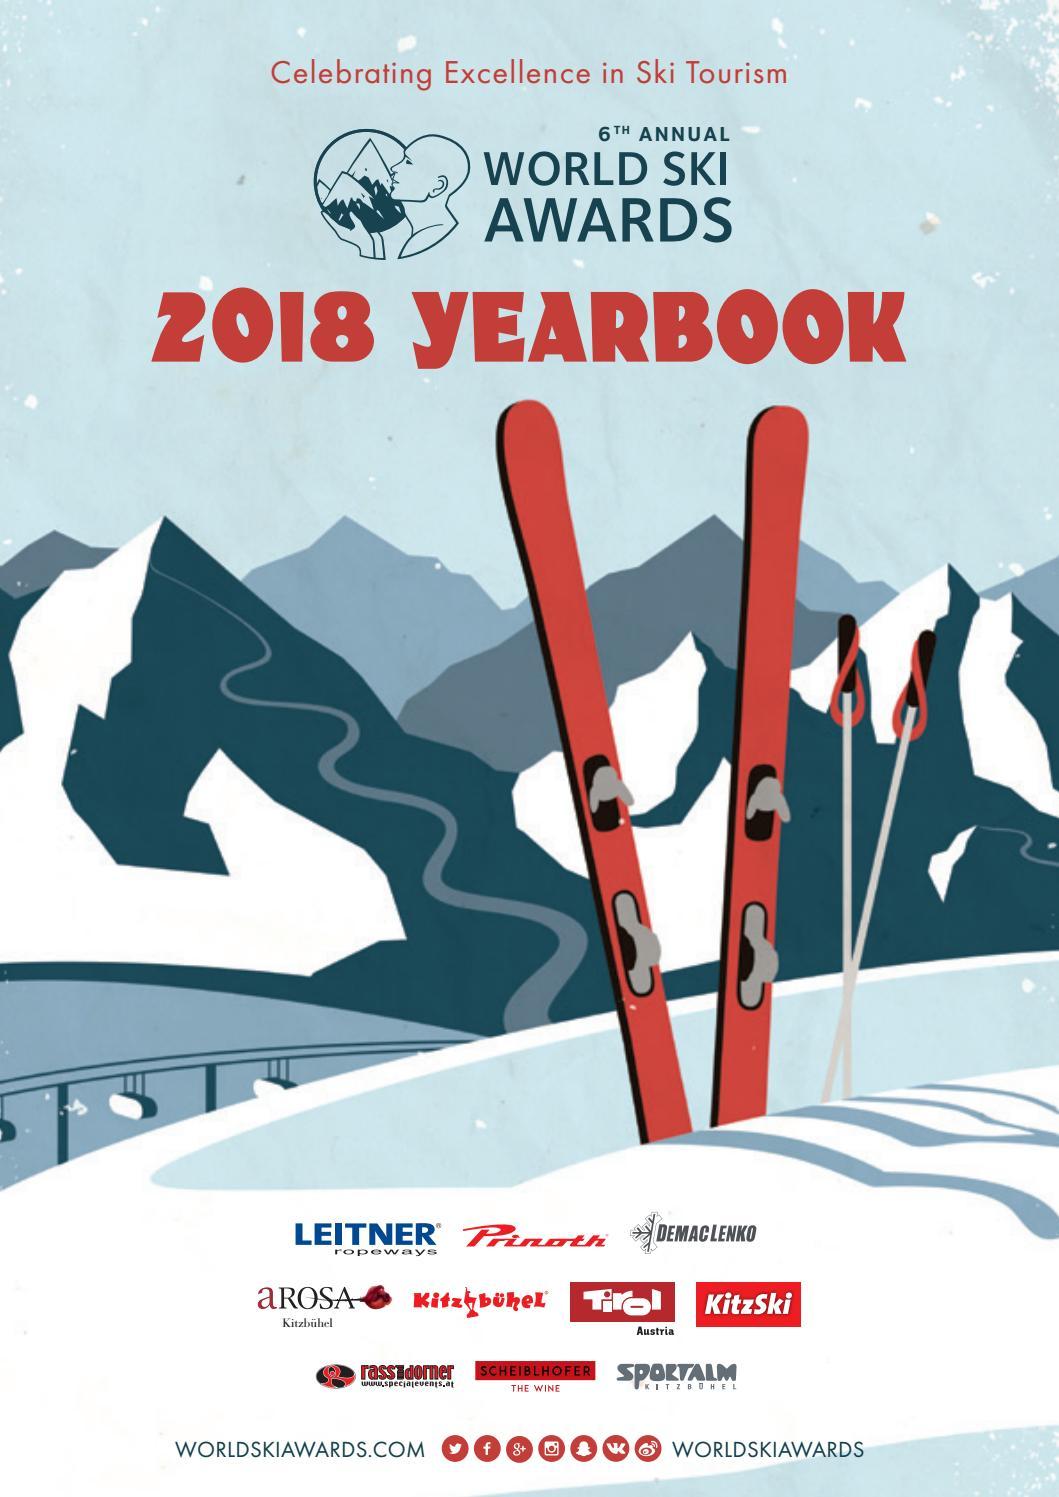 World Ski Awards 2017 Yearbook